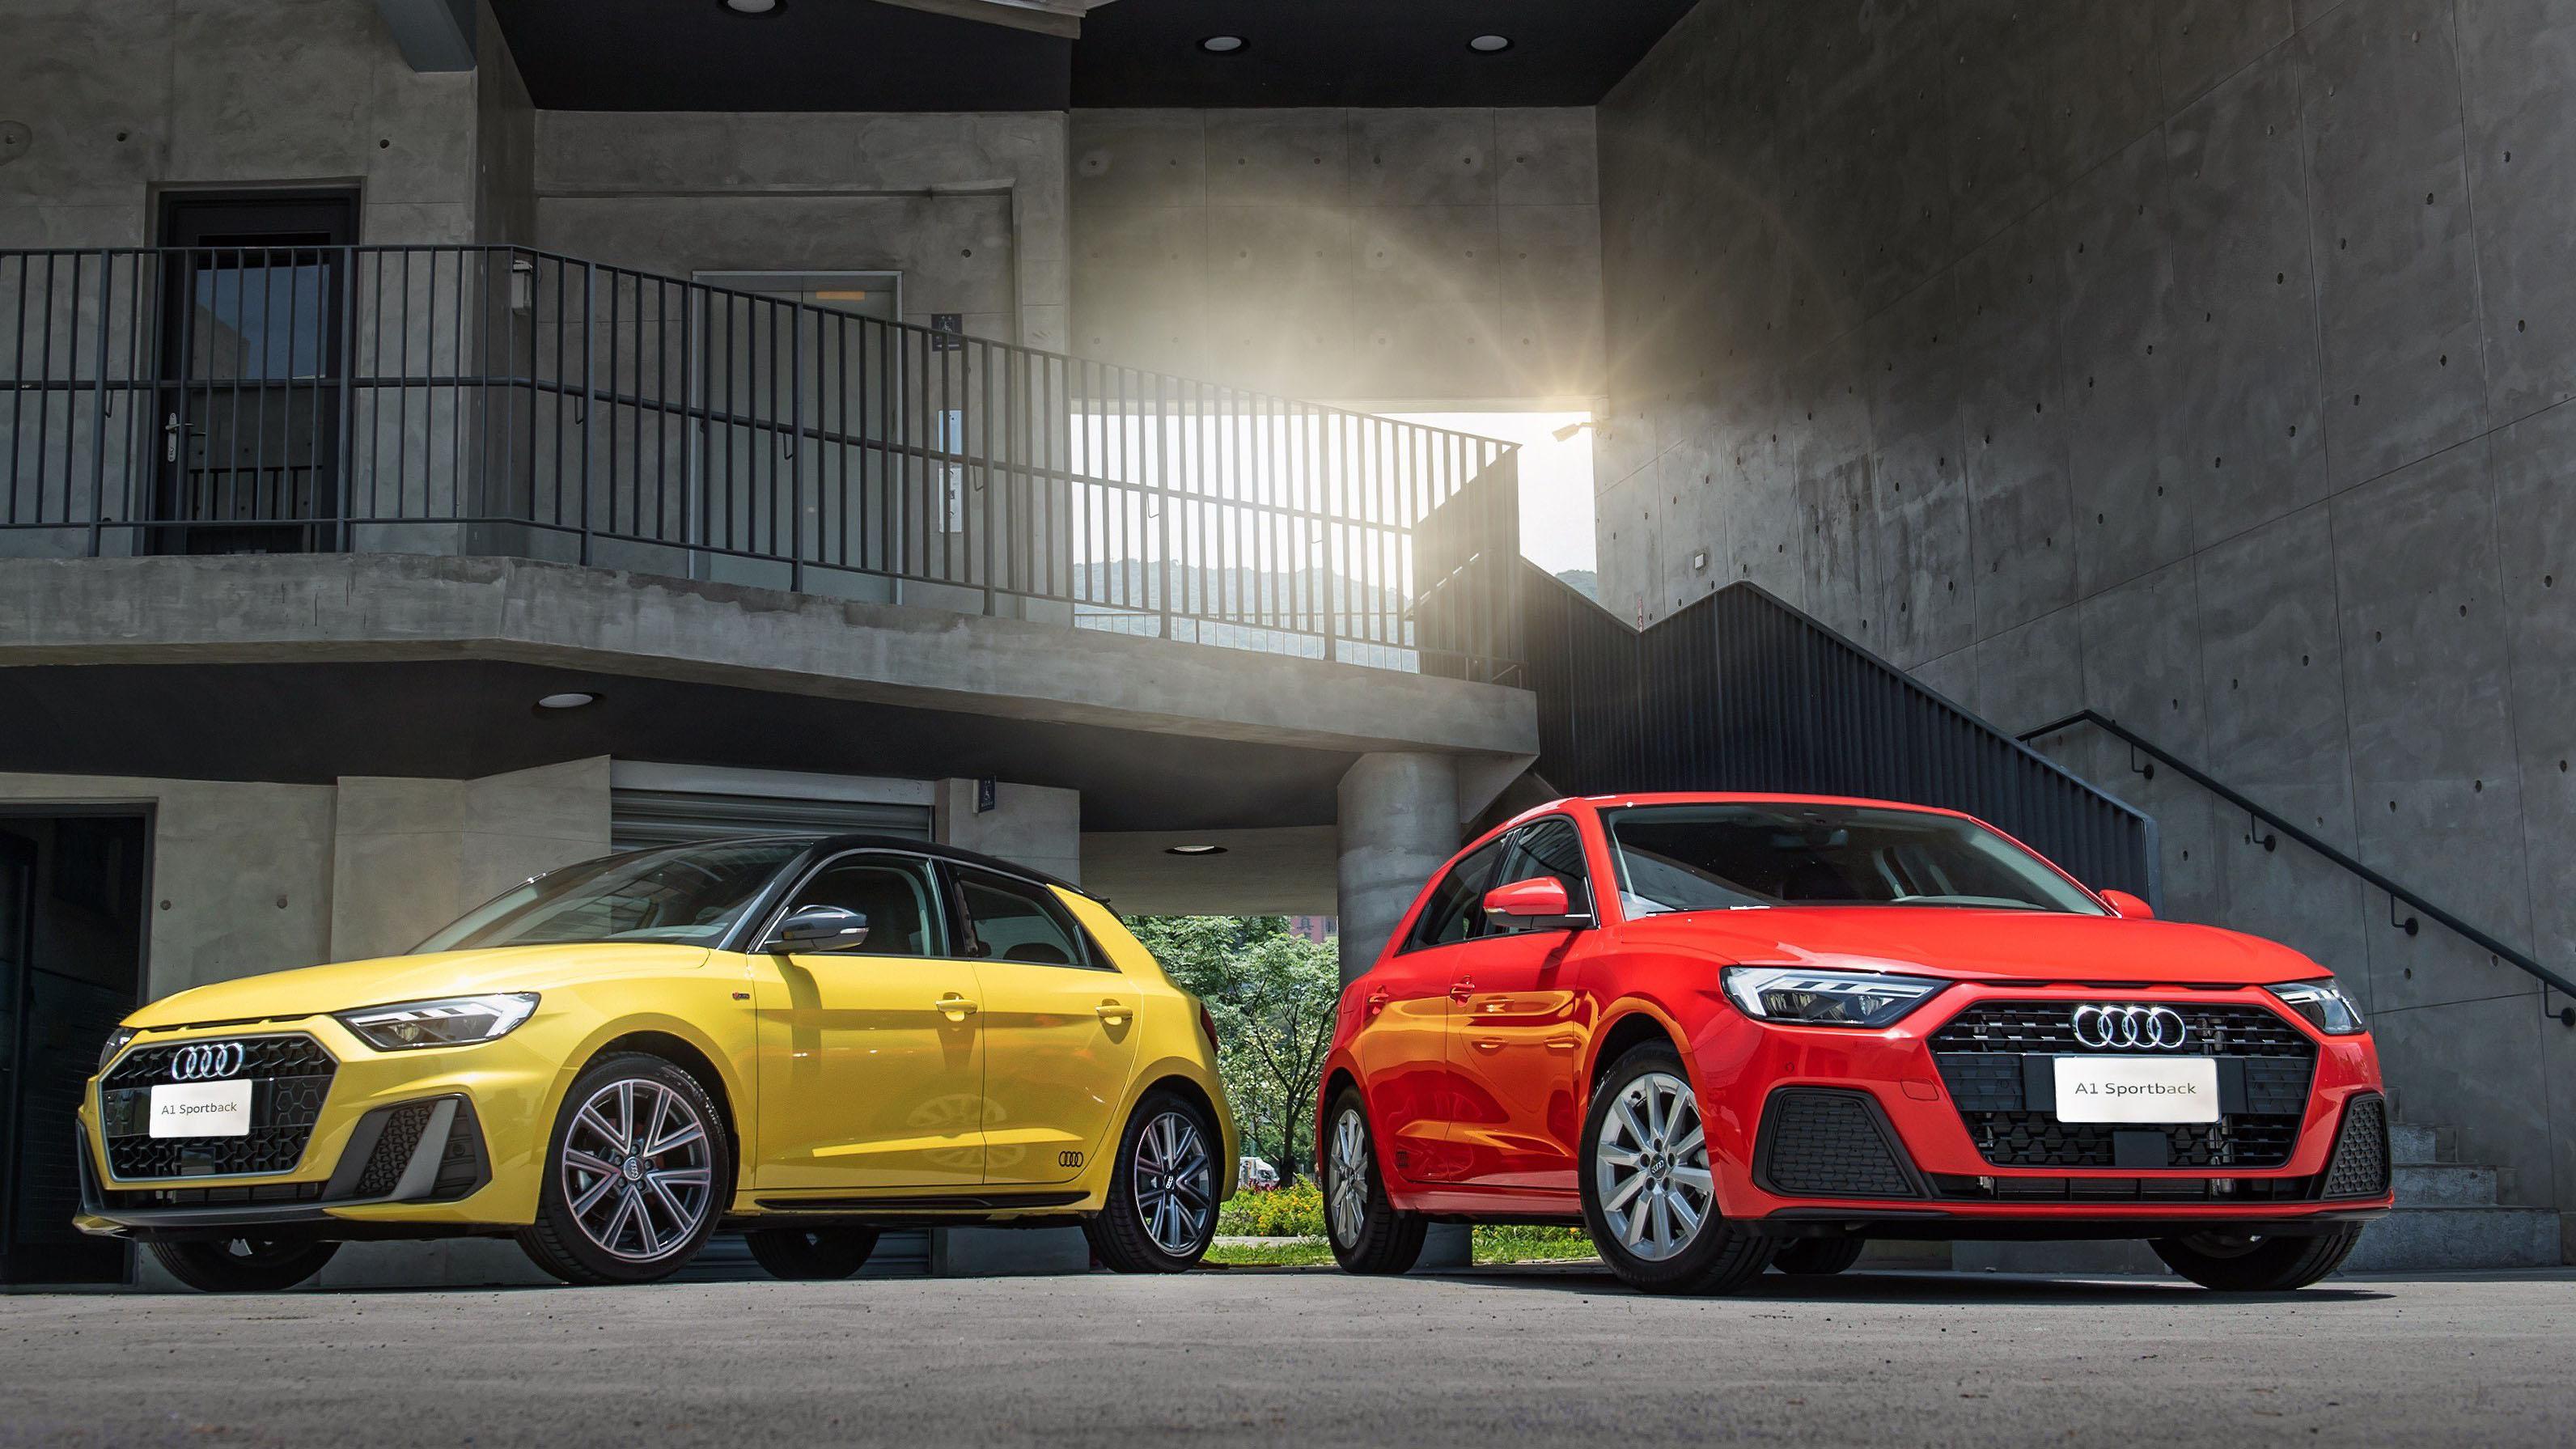 全新 Audi A1 Sportback 121 萬起正式發售,線上展間週末亮相